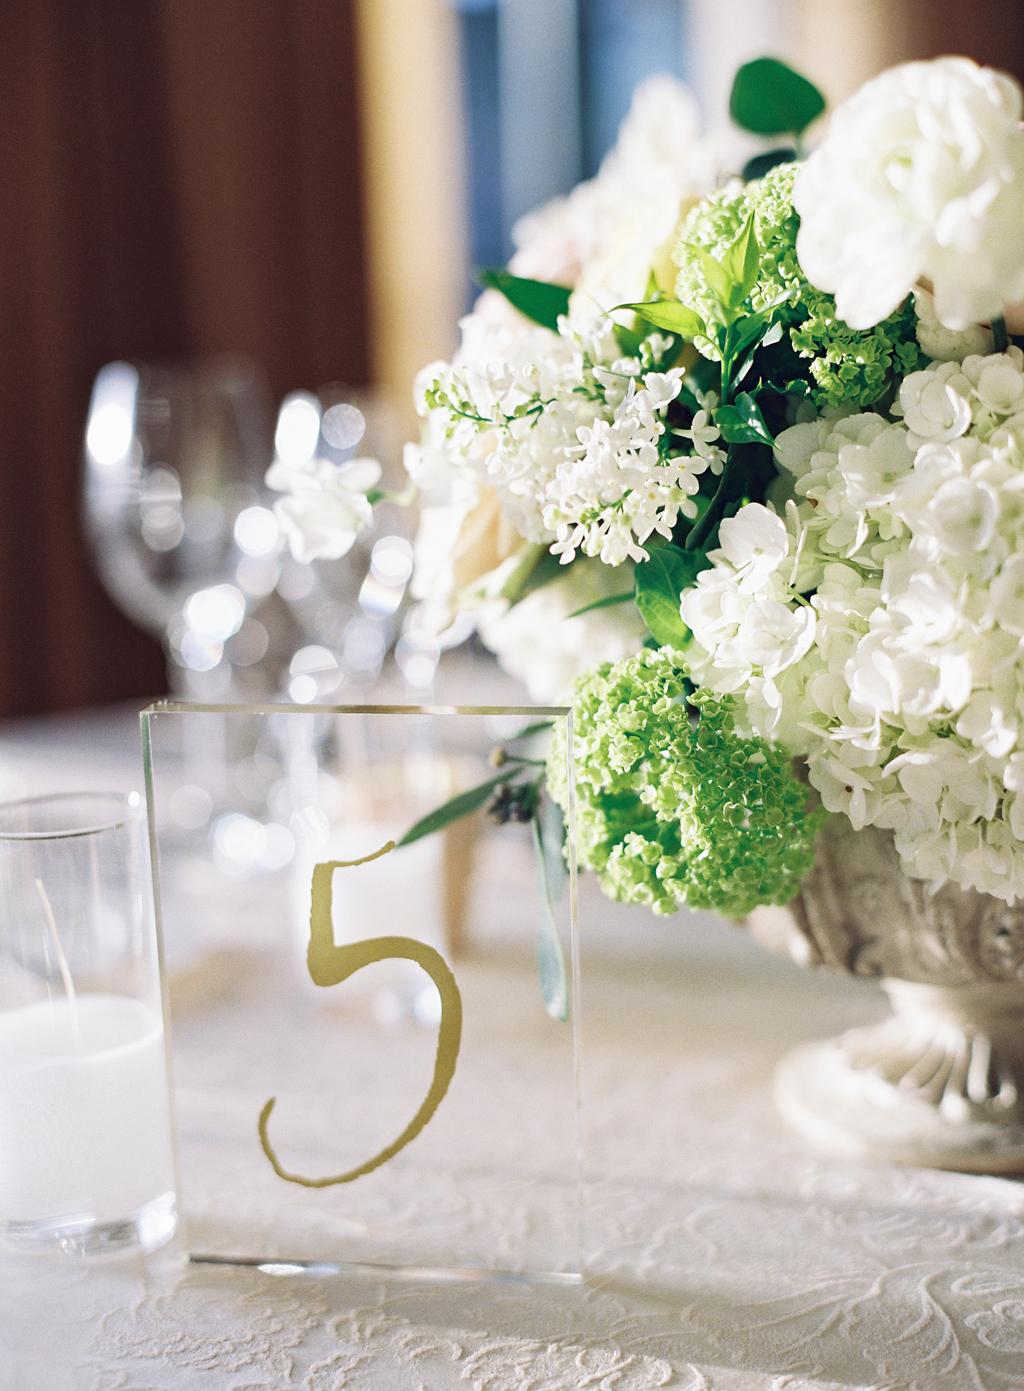 reception details at a california destination wedding at pelican hill resort.